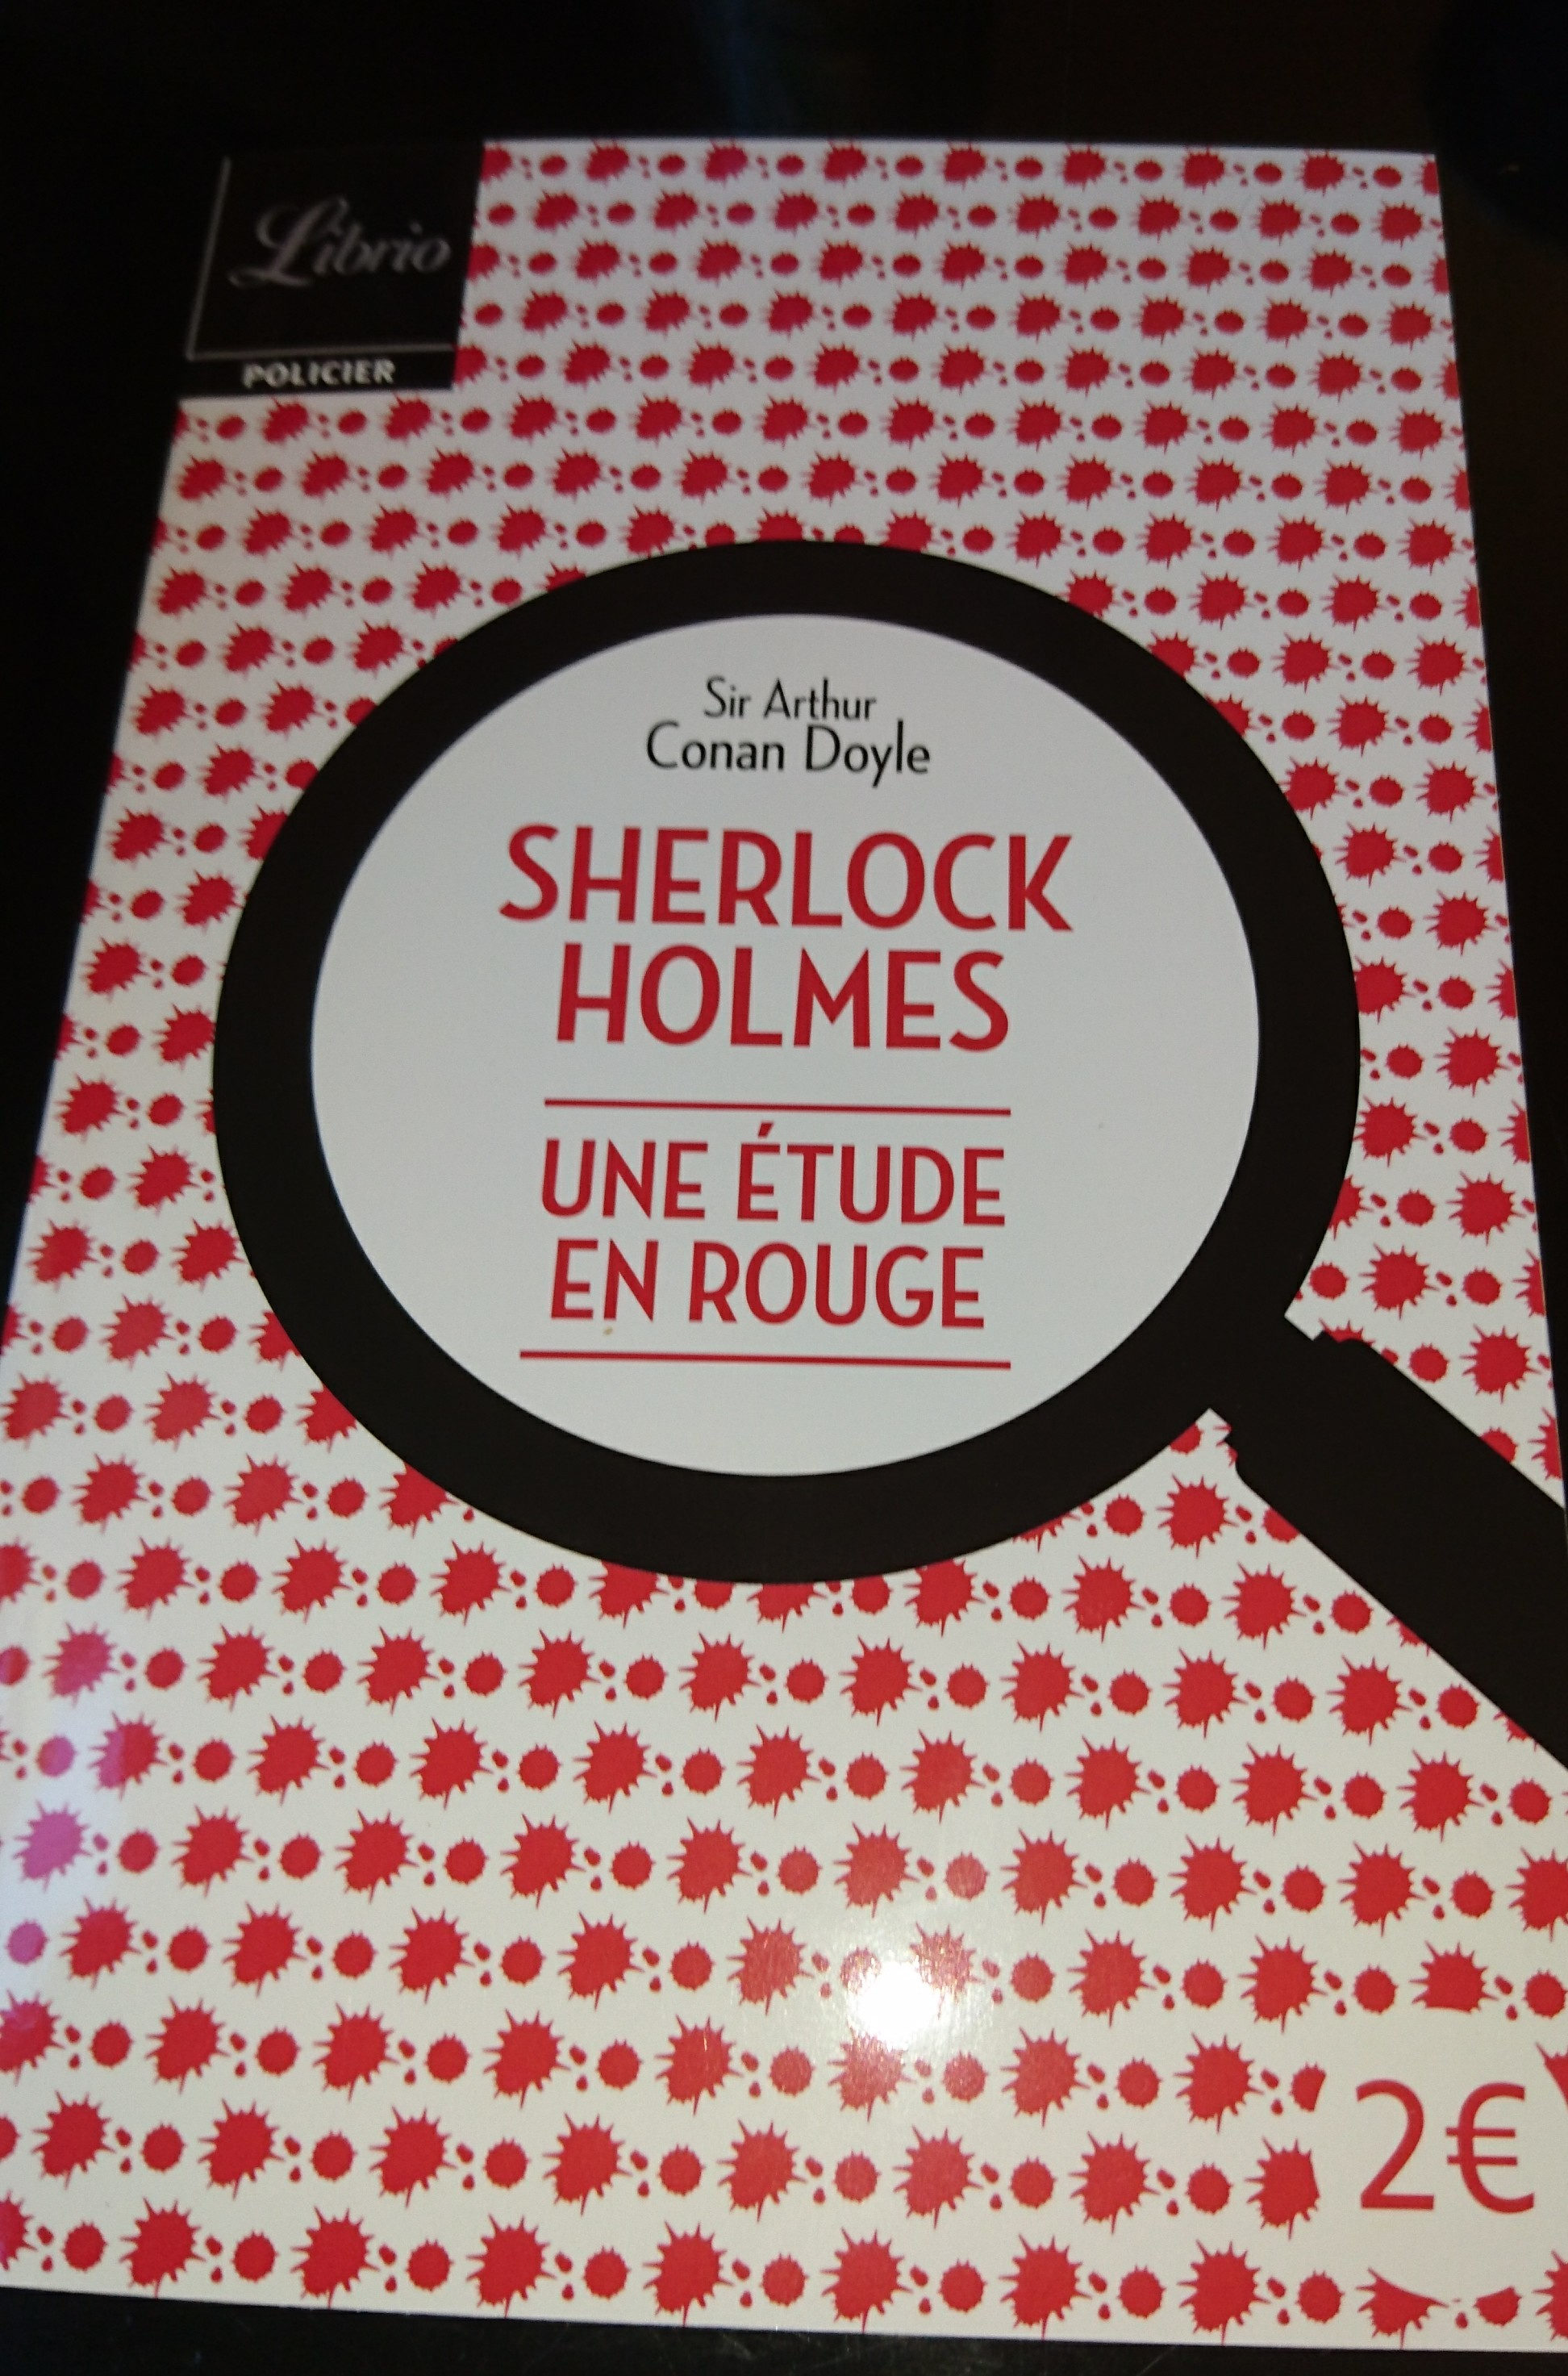 Sherlock Holmes une étude en rouge - Product - fr